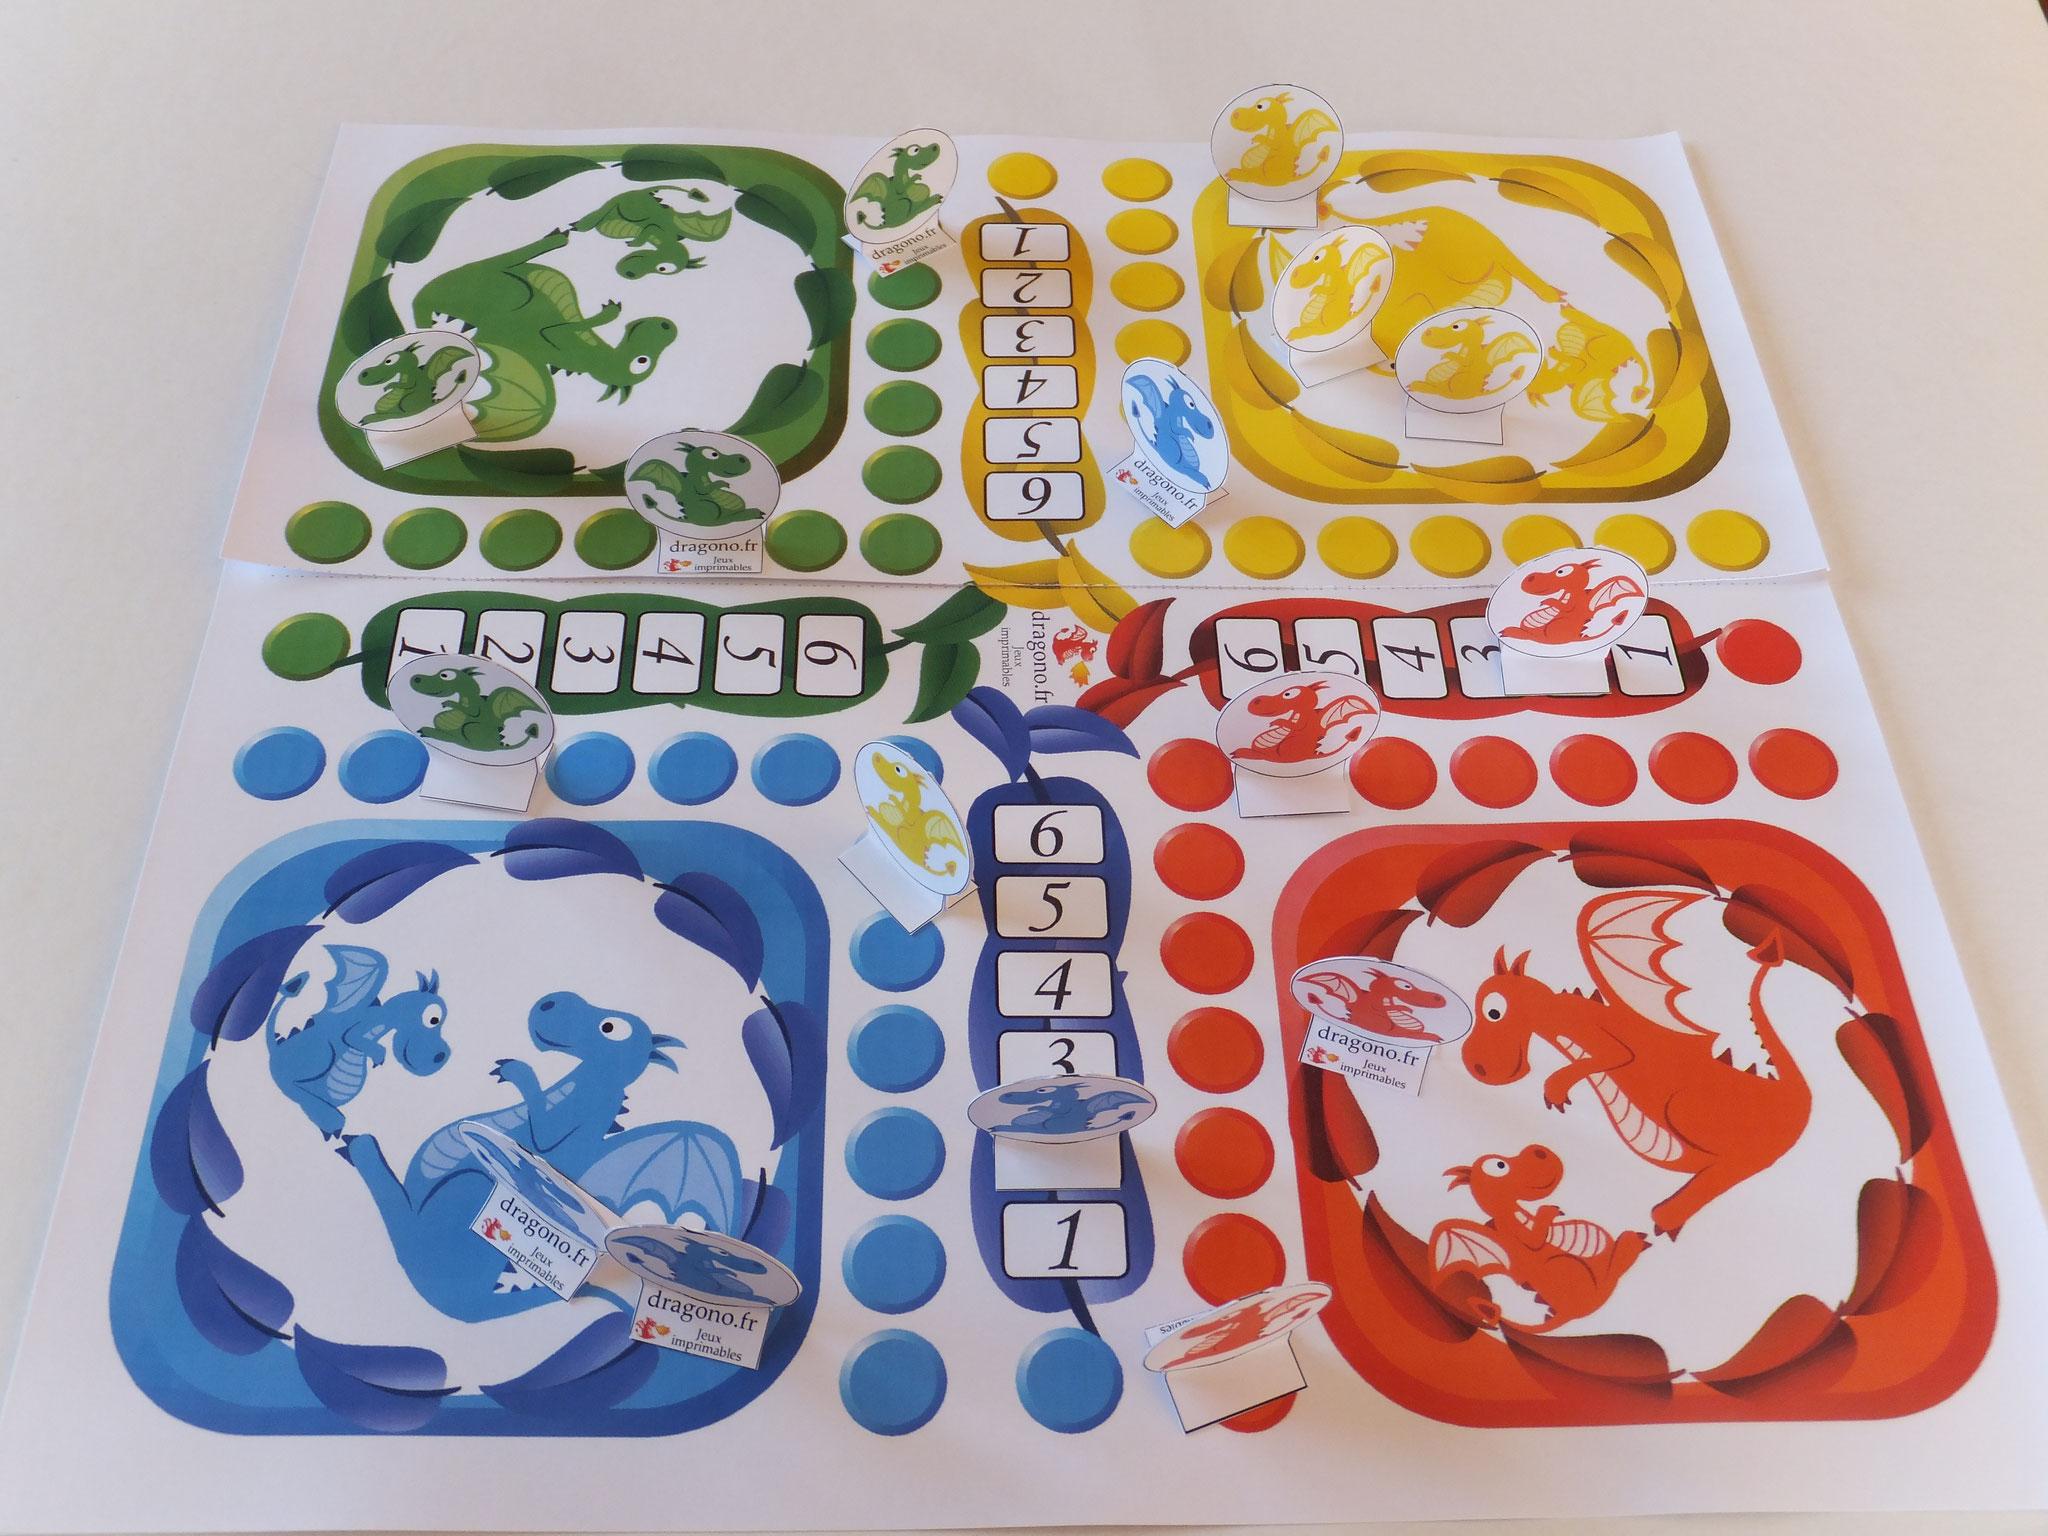 Jeux A Imprimer Pour Enfants, Famille, Ludiques, Éducatifs intérieur Jeux Pour Enfan Gratuit